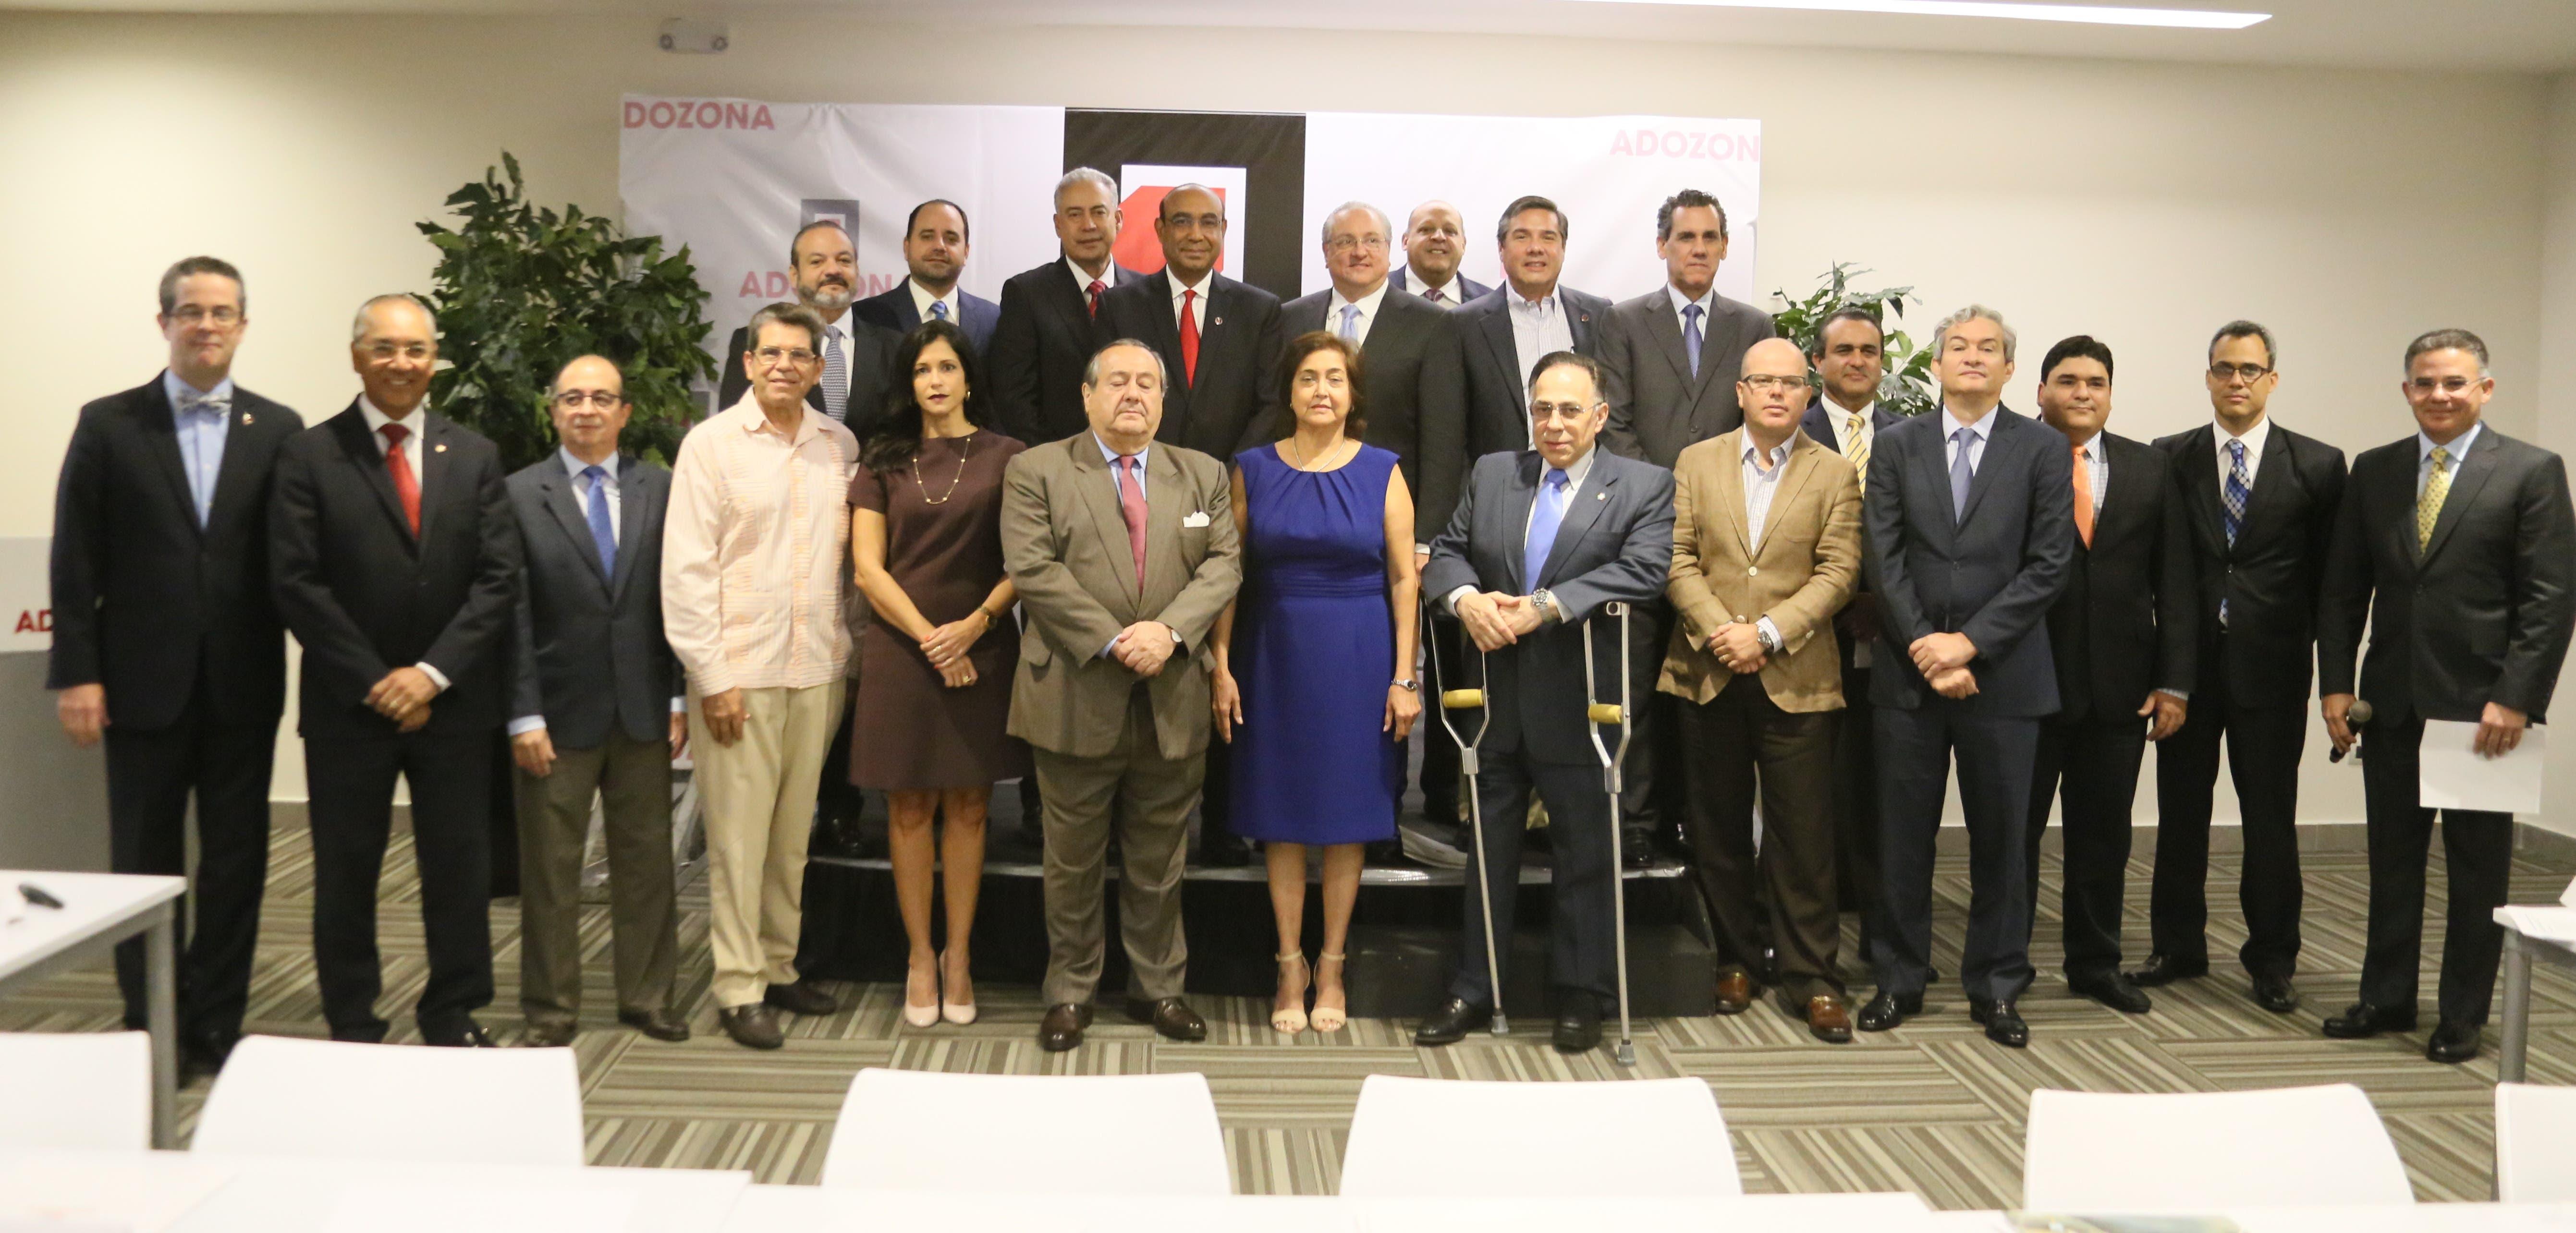 La junta directiva de ADOZONA fue juramentada por el presidente del Consejo Nacional de la Empresa Privada (CONEP), Pedro Brache.